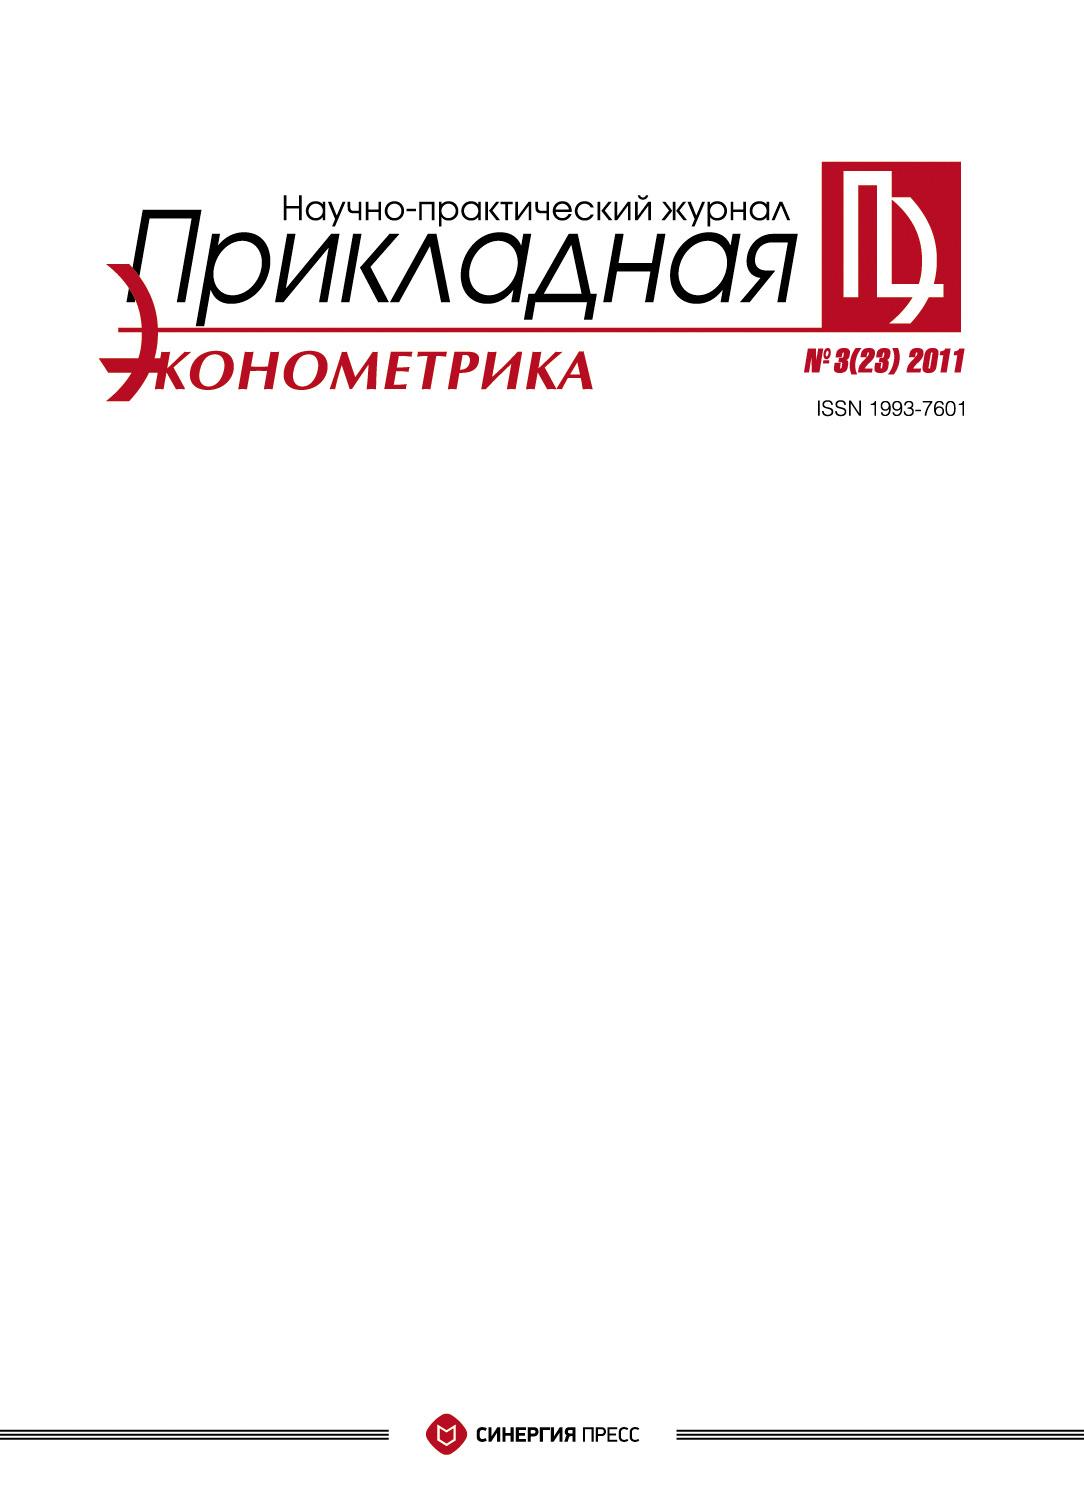 Отсутствует Прикладная эконометрика №3 (23) 2011 отсутствует прикладная эконометрика 3 39 2015